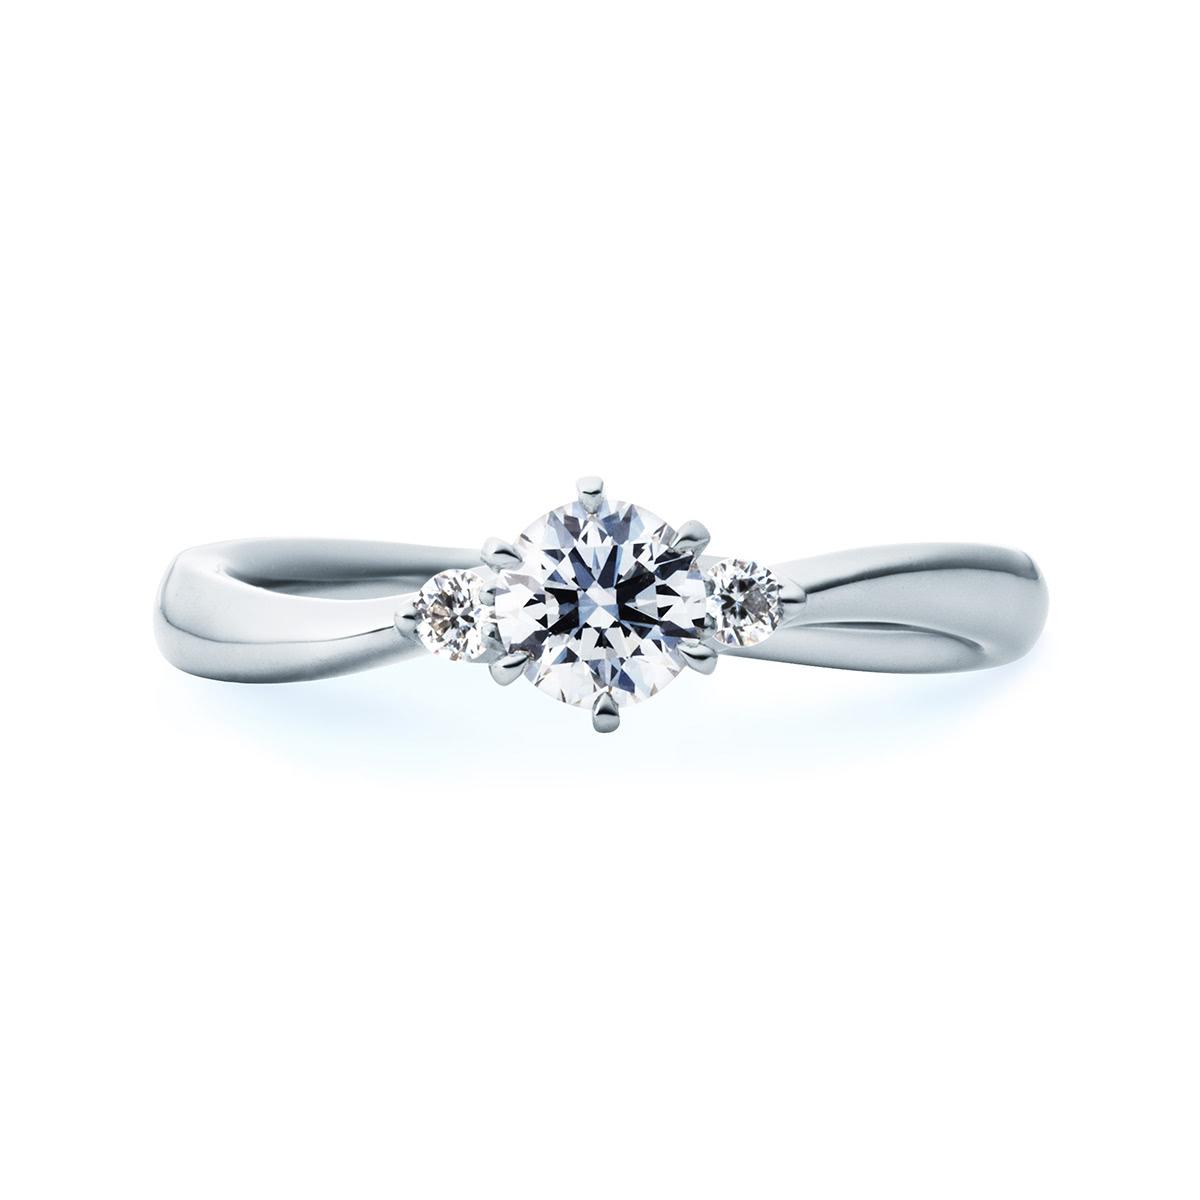 ありえない 指輪 4 婚約 c